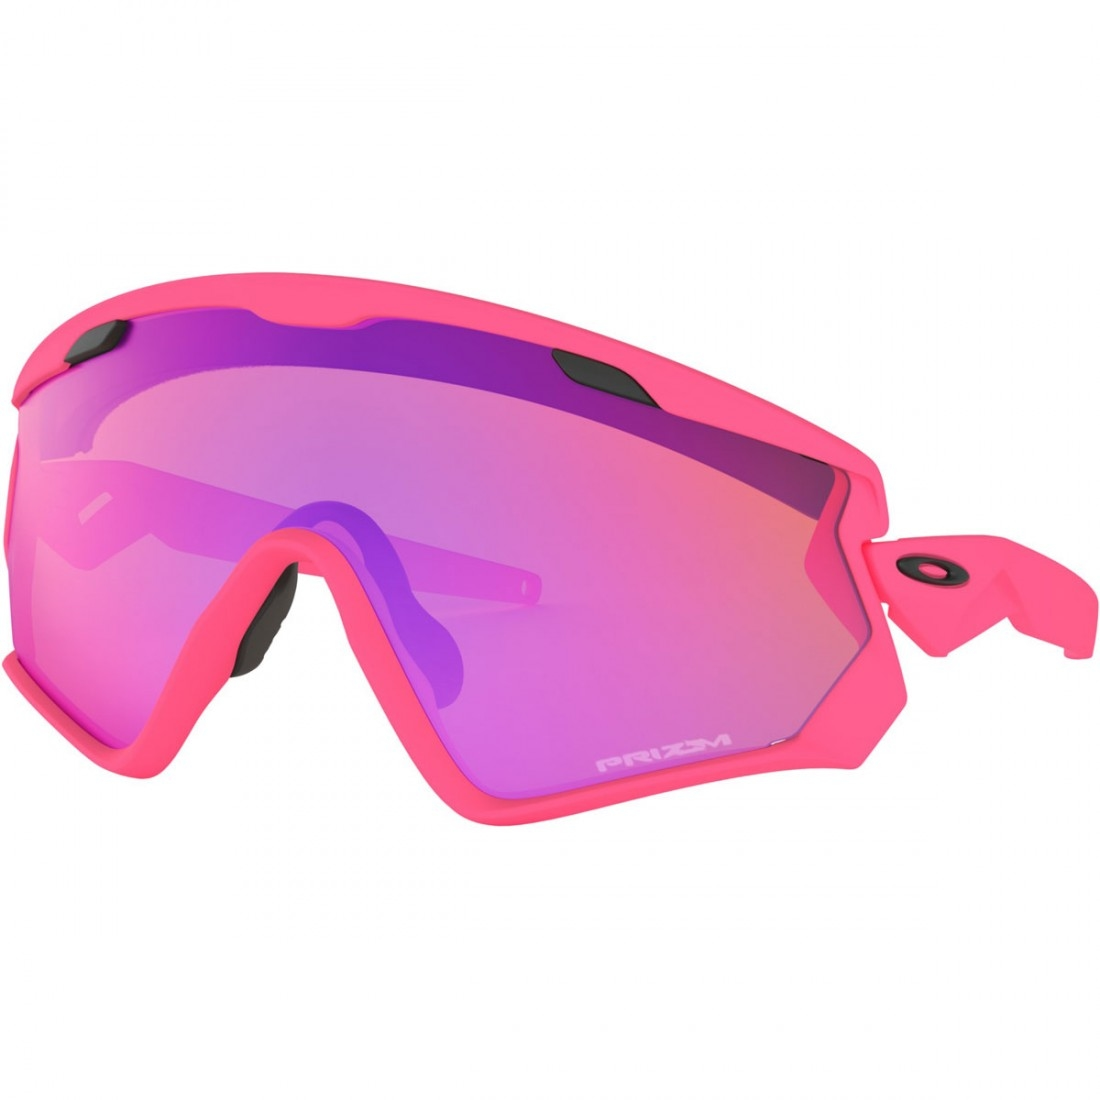 e4c21d0e1c81 Máscara gafas oakley wind jacket matte neon pink prizm trail jpg 1100x1100  Pink oakley